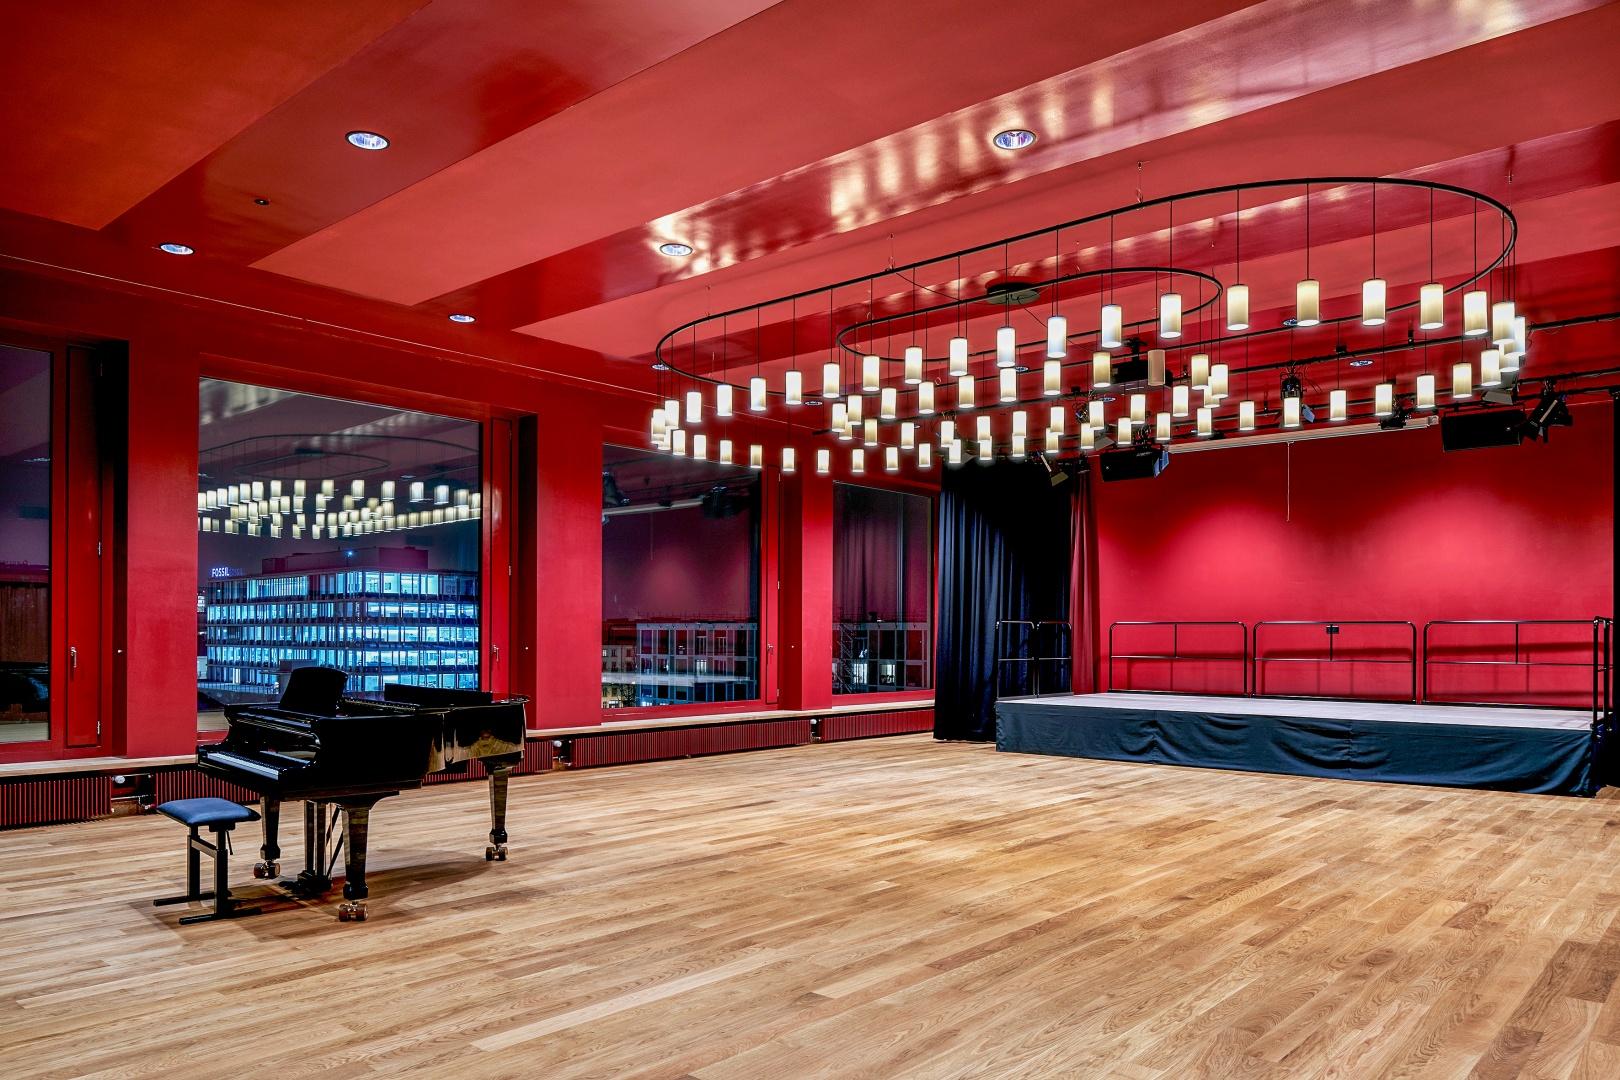 Le 5ème et dernier étage parachève le bâtiment solennellement, avec l'auditorium, qui est entièrement décliné en  rouge. © Roman Weyeneth